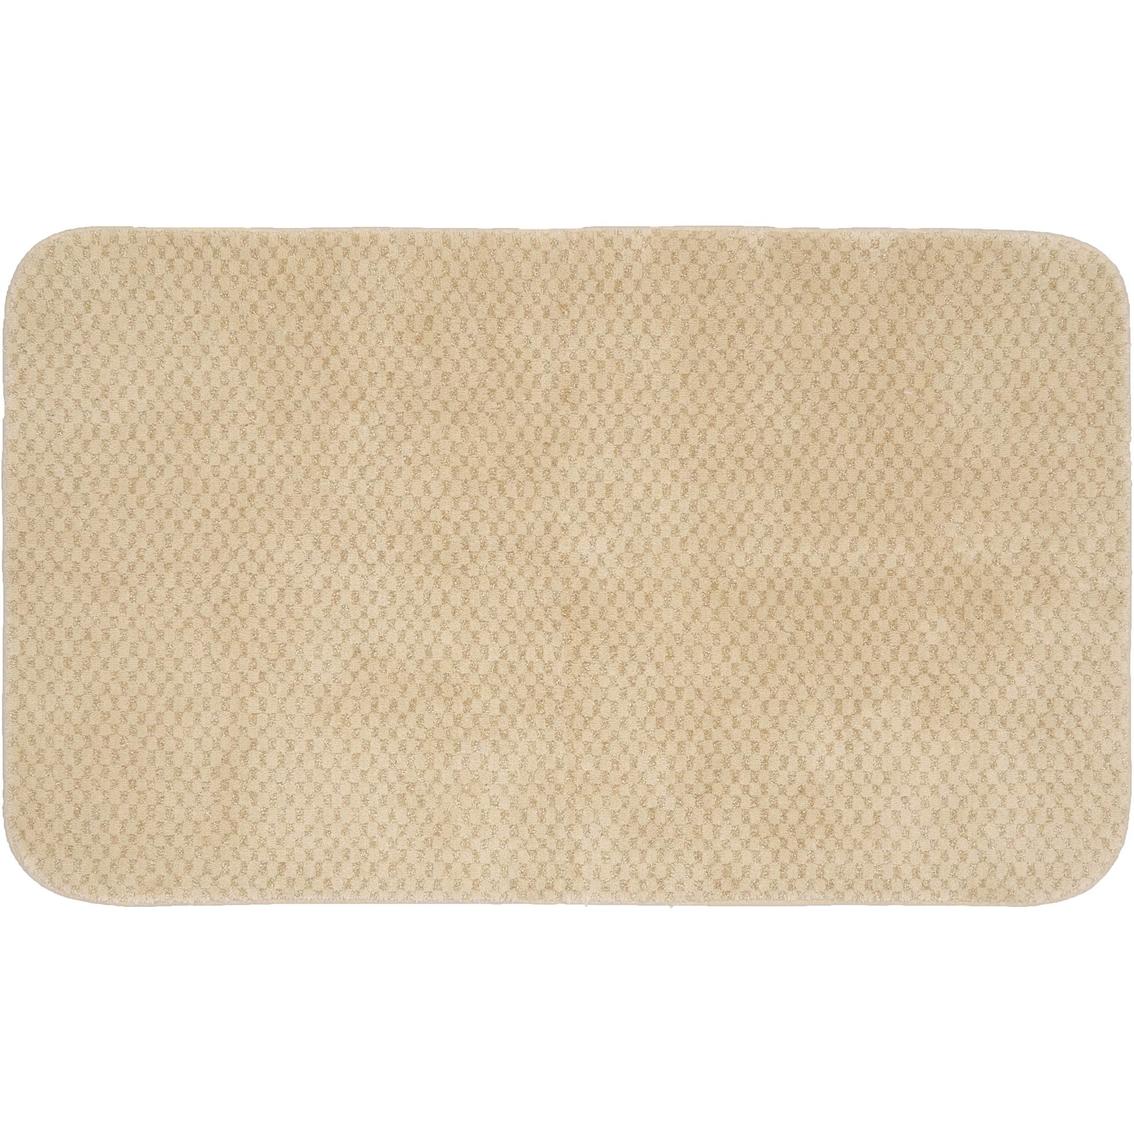 garland 30 x 50 cabernet nylon bath rug | bath rugs | home